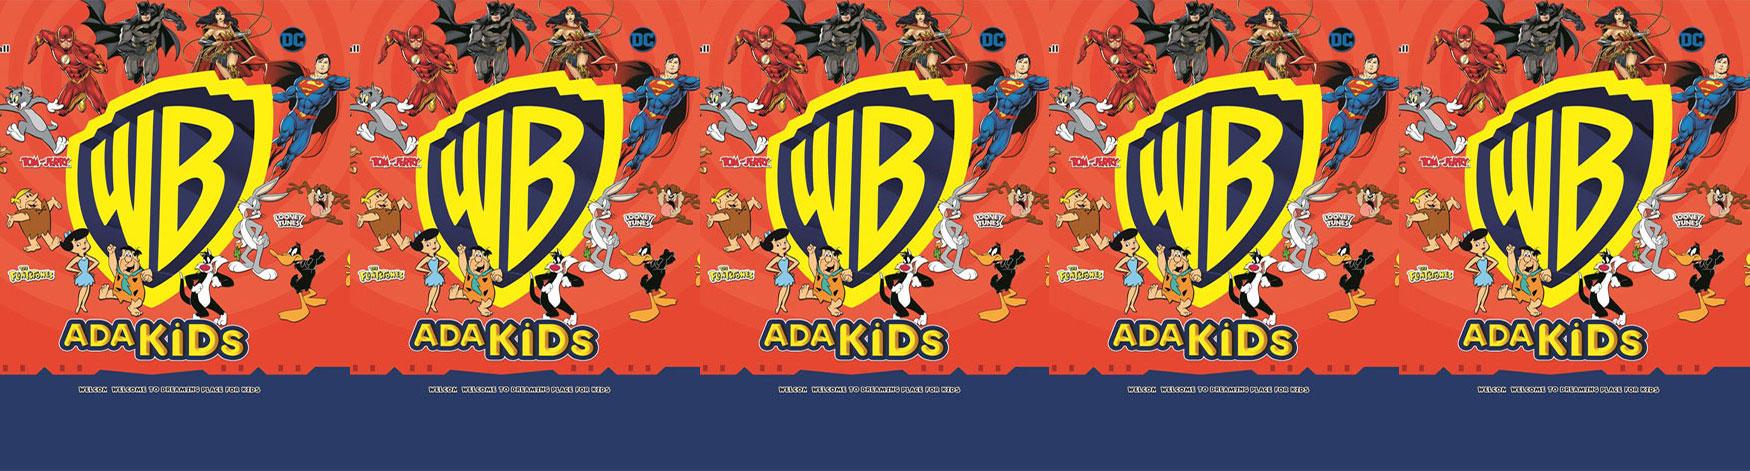 Tapet pentru copii AdaKids